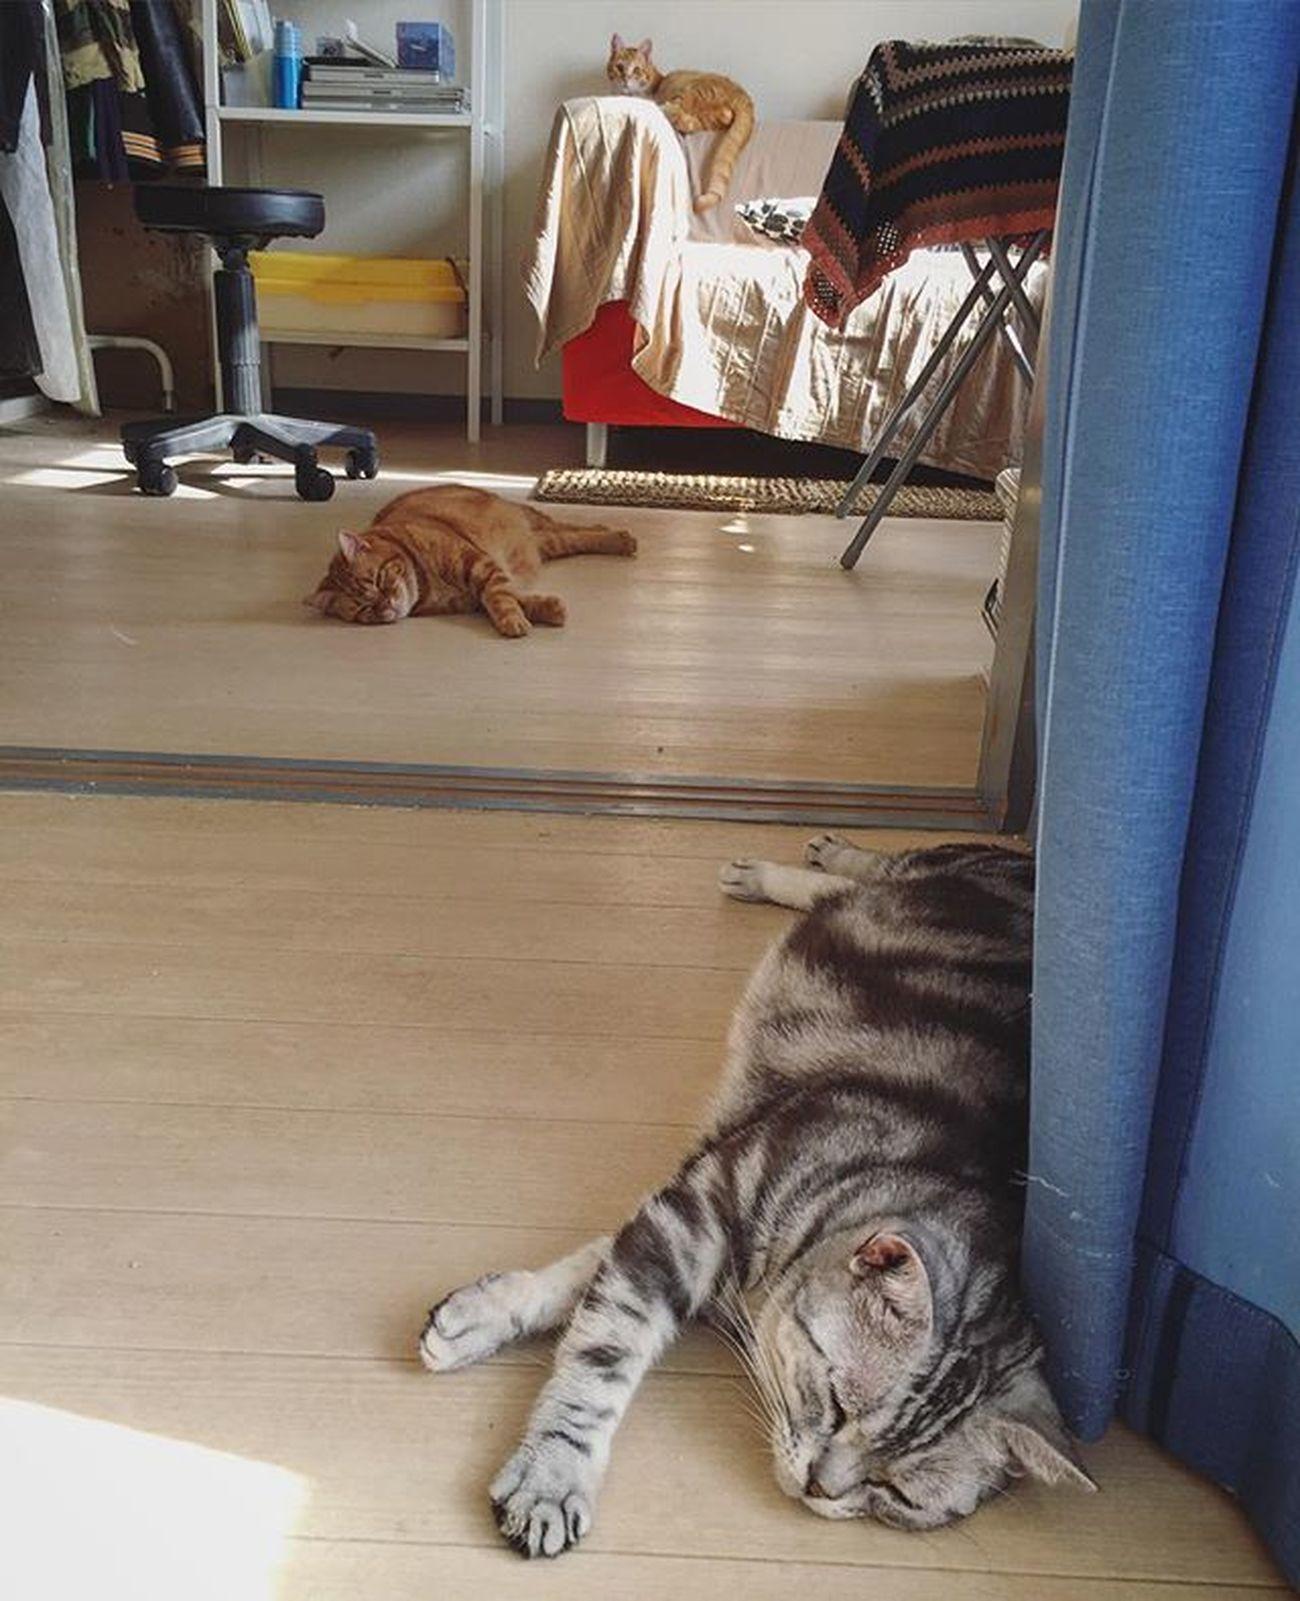 アメリカンショートヘアー アメショ Americanshorthair ズズ ズズ子 Zuzu ズズっぺ シルバータビー Cat Neko ねこ 猫 ねこ Cats スコティッシュフォールド Scottishfold 茶トラ ロロ Lolo コケティッシュフォールド コケティッシュホールド Piopio Pio ピオ ズっぺもロロもすでに暑そうな…朝の3ニャンでおはようございます…😆😸💦